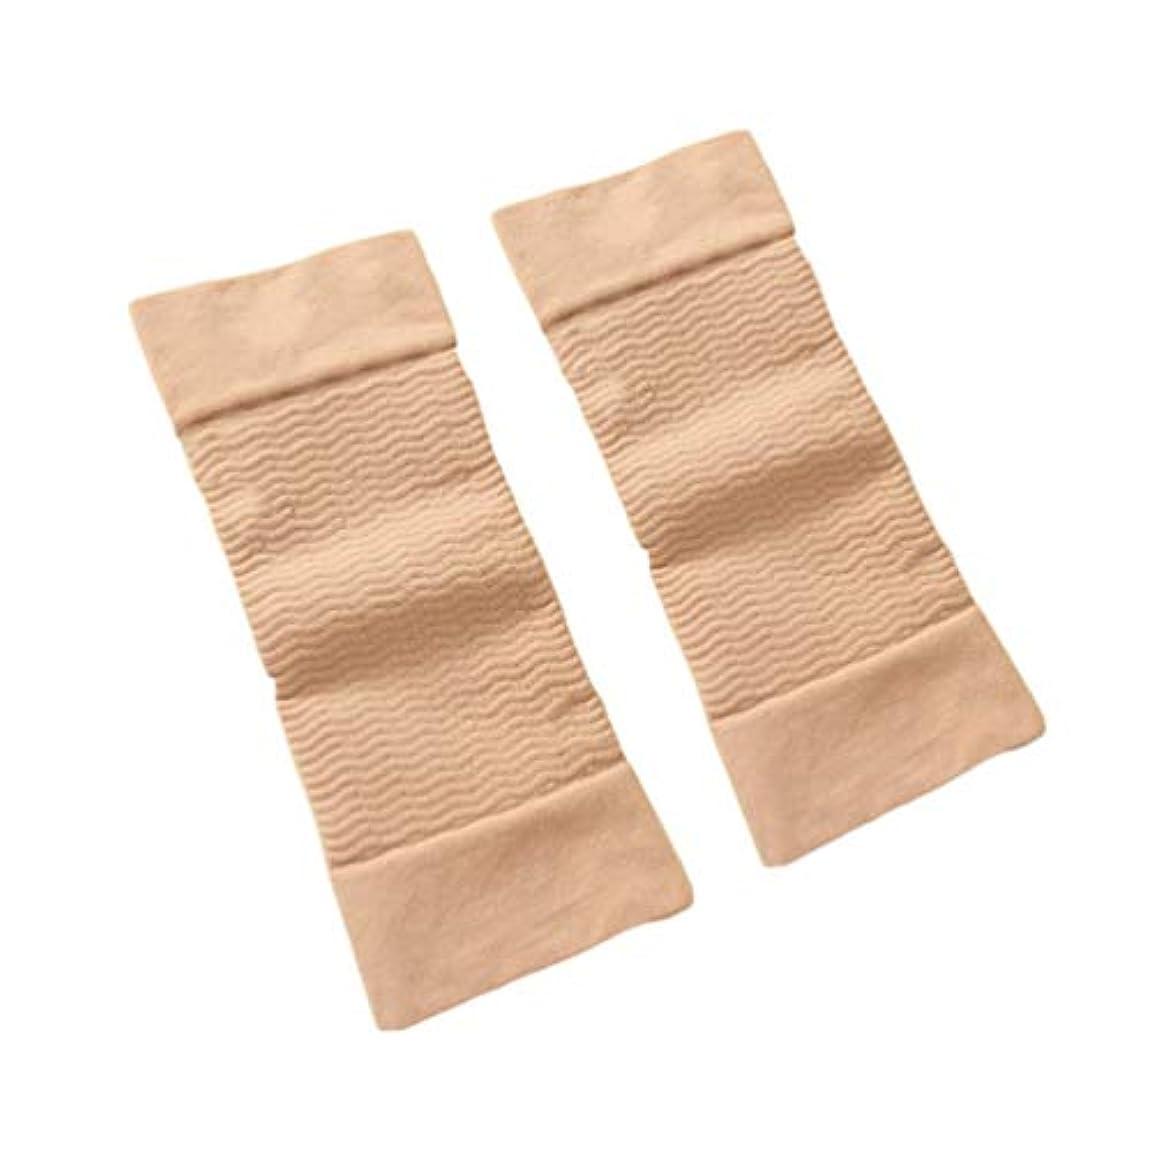 オーバーフロー健全カレッジ1ペア420 D圧縮痩身アームスリーブワークアウトトーニングバーンセルライトシェイパー脂肪燃焼袖用女性 - 肌色